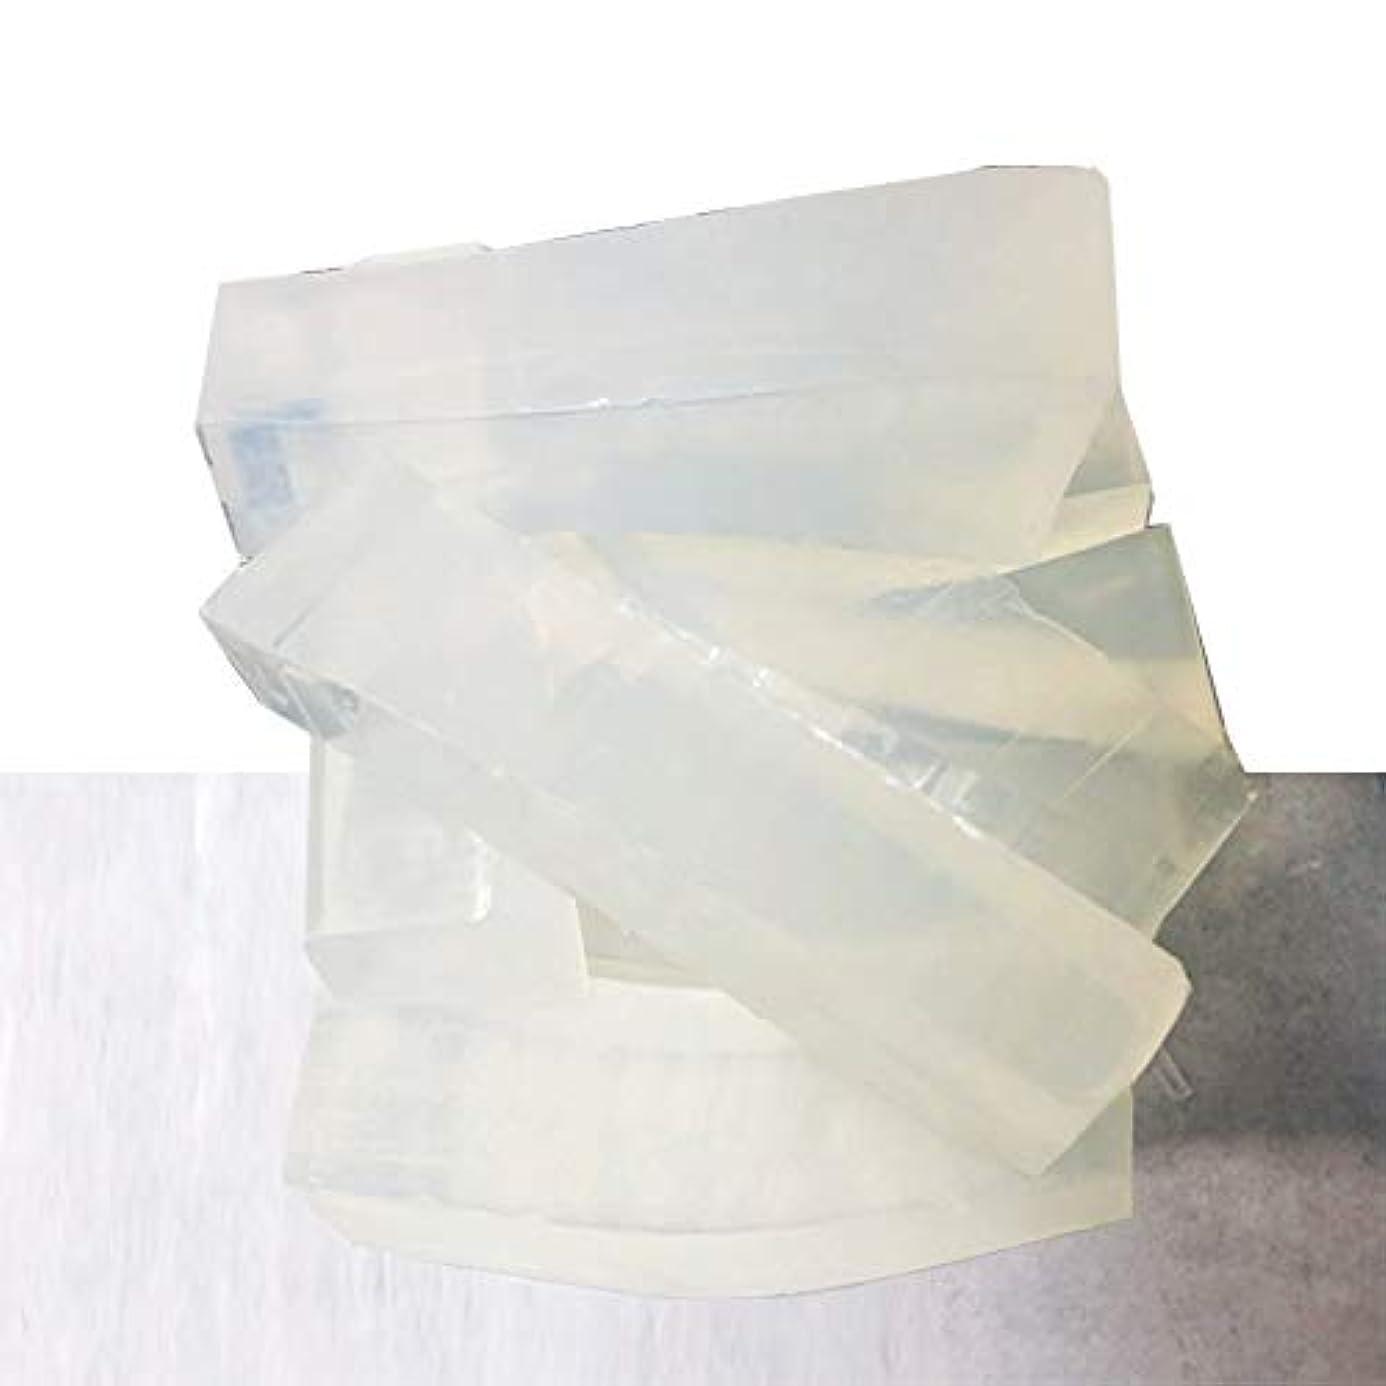 探すご飯断片グリセリンソープ(MPソープ)2kg(2,000g)クリア